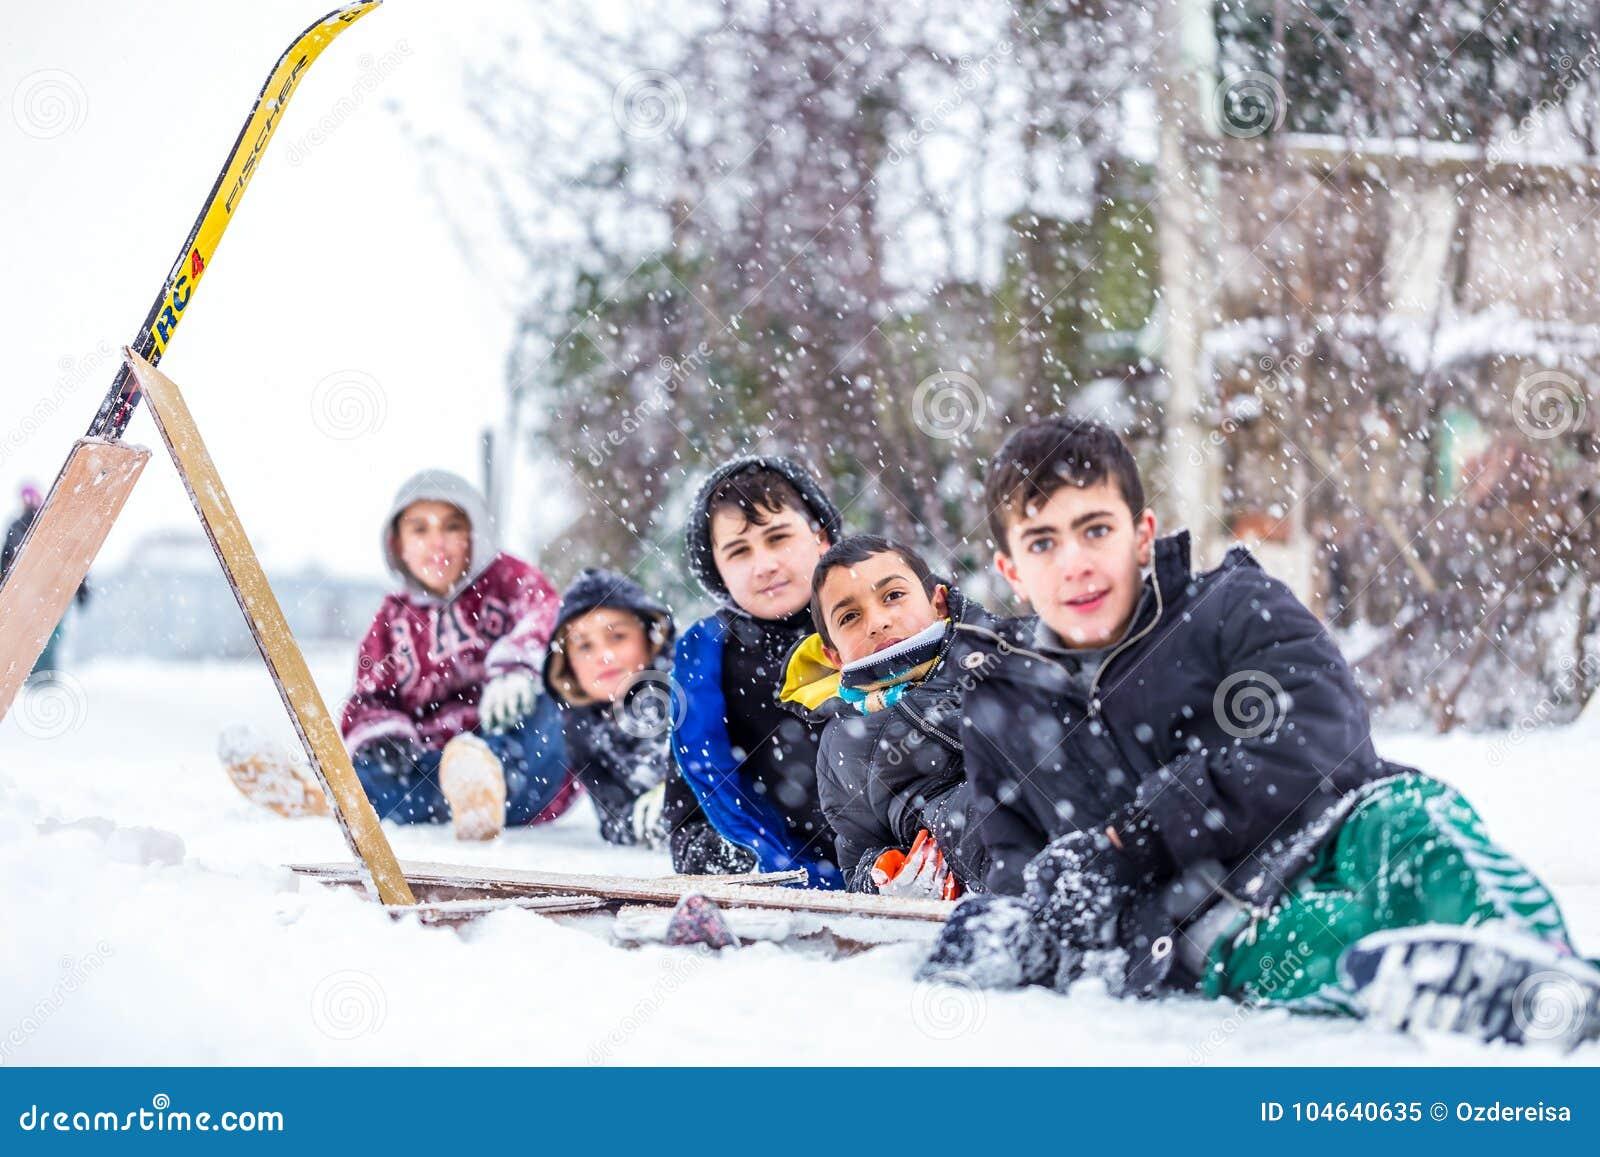 Download De Kinderen Glijden Op Sneeuw In Oude Schoolstijl Met Hardhout Redactionele Afbeelding - Afbeelding bestaande uit sledding, slee: 104640635